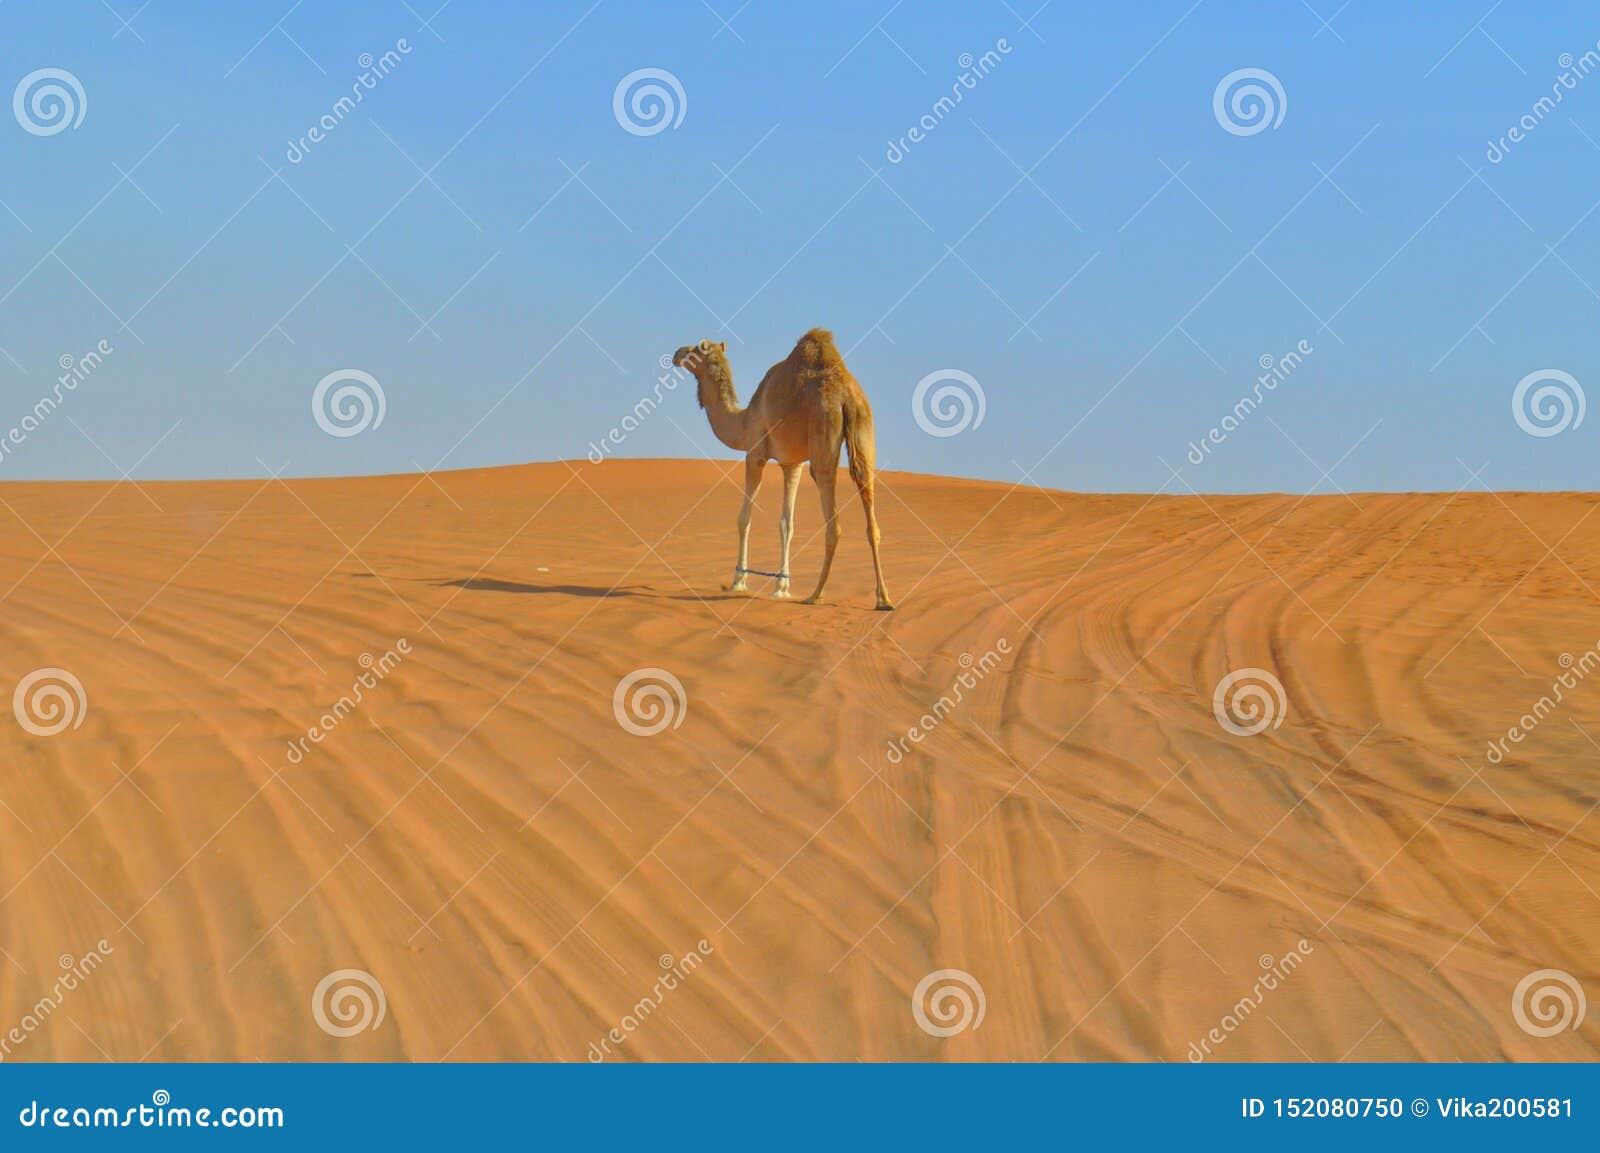 Ein einhöckriges Kamel in der grenzenlosen Wüste